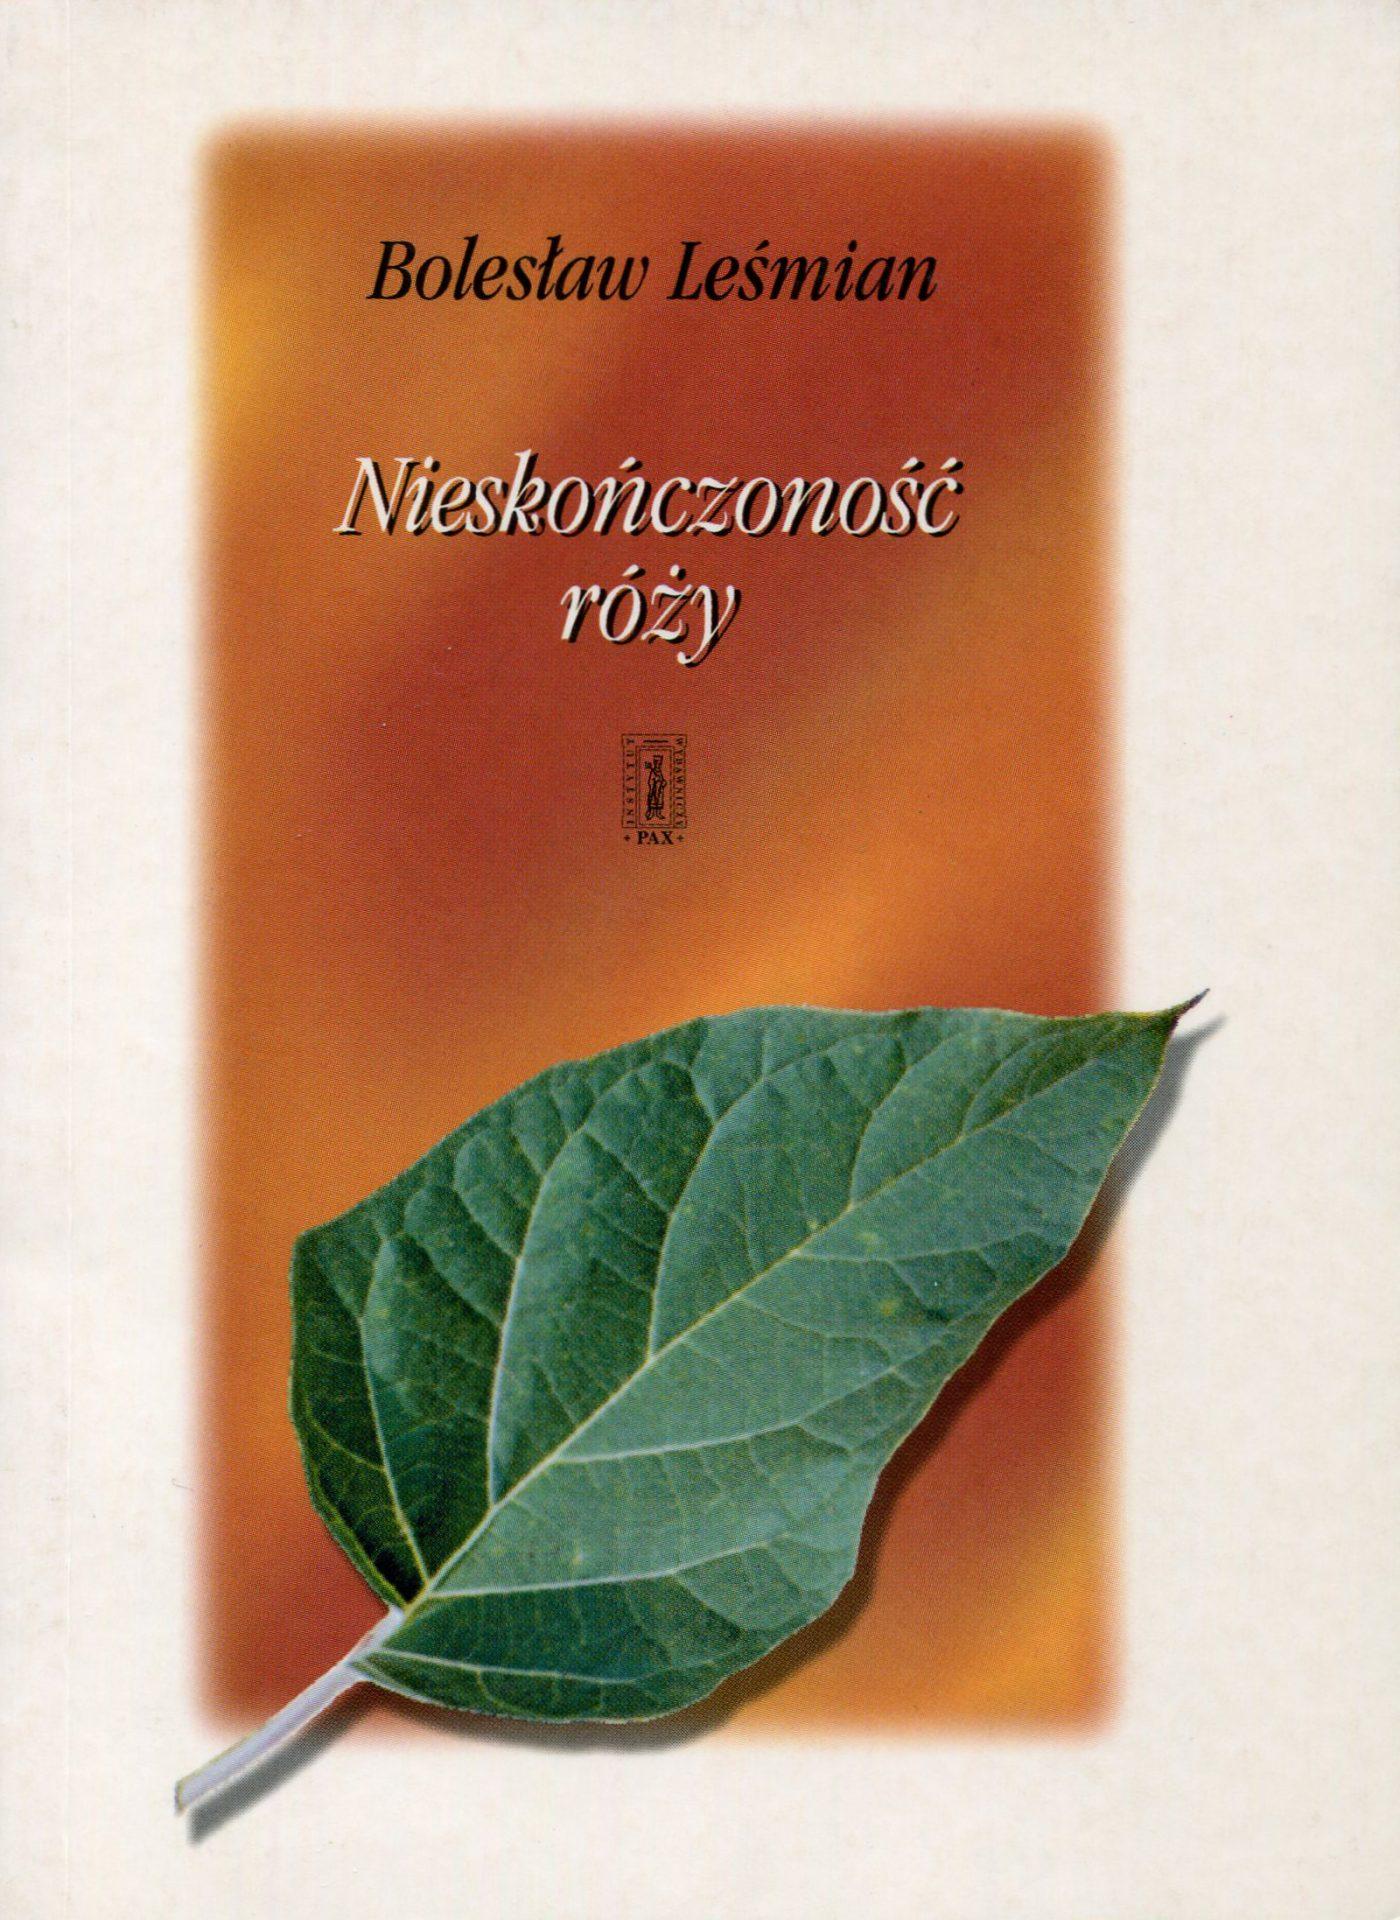 Bolesław Leśmian - Nieskończoność róży